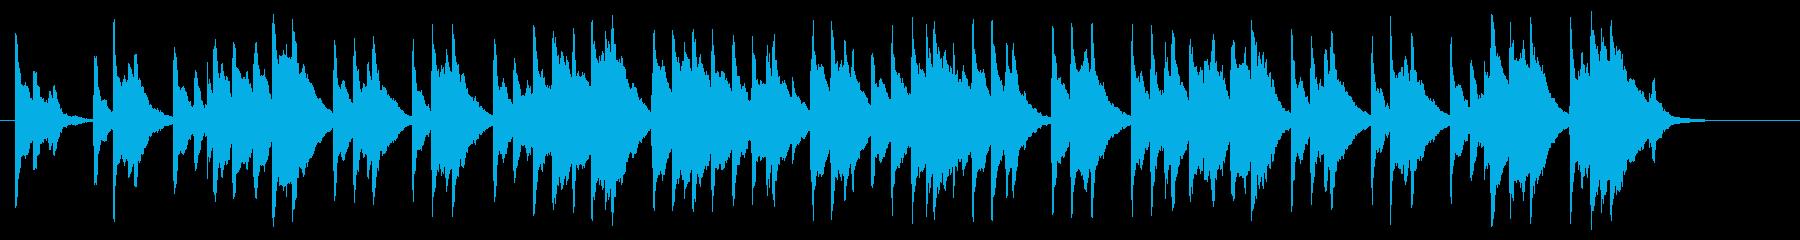 かわいいオルゴール風のワグナー結婚行進曲の再生済みの波形